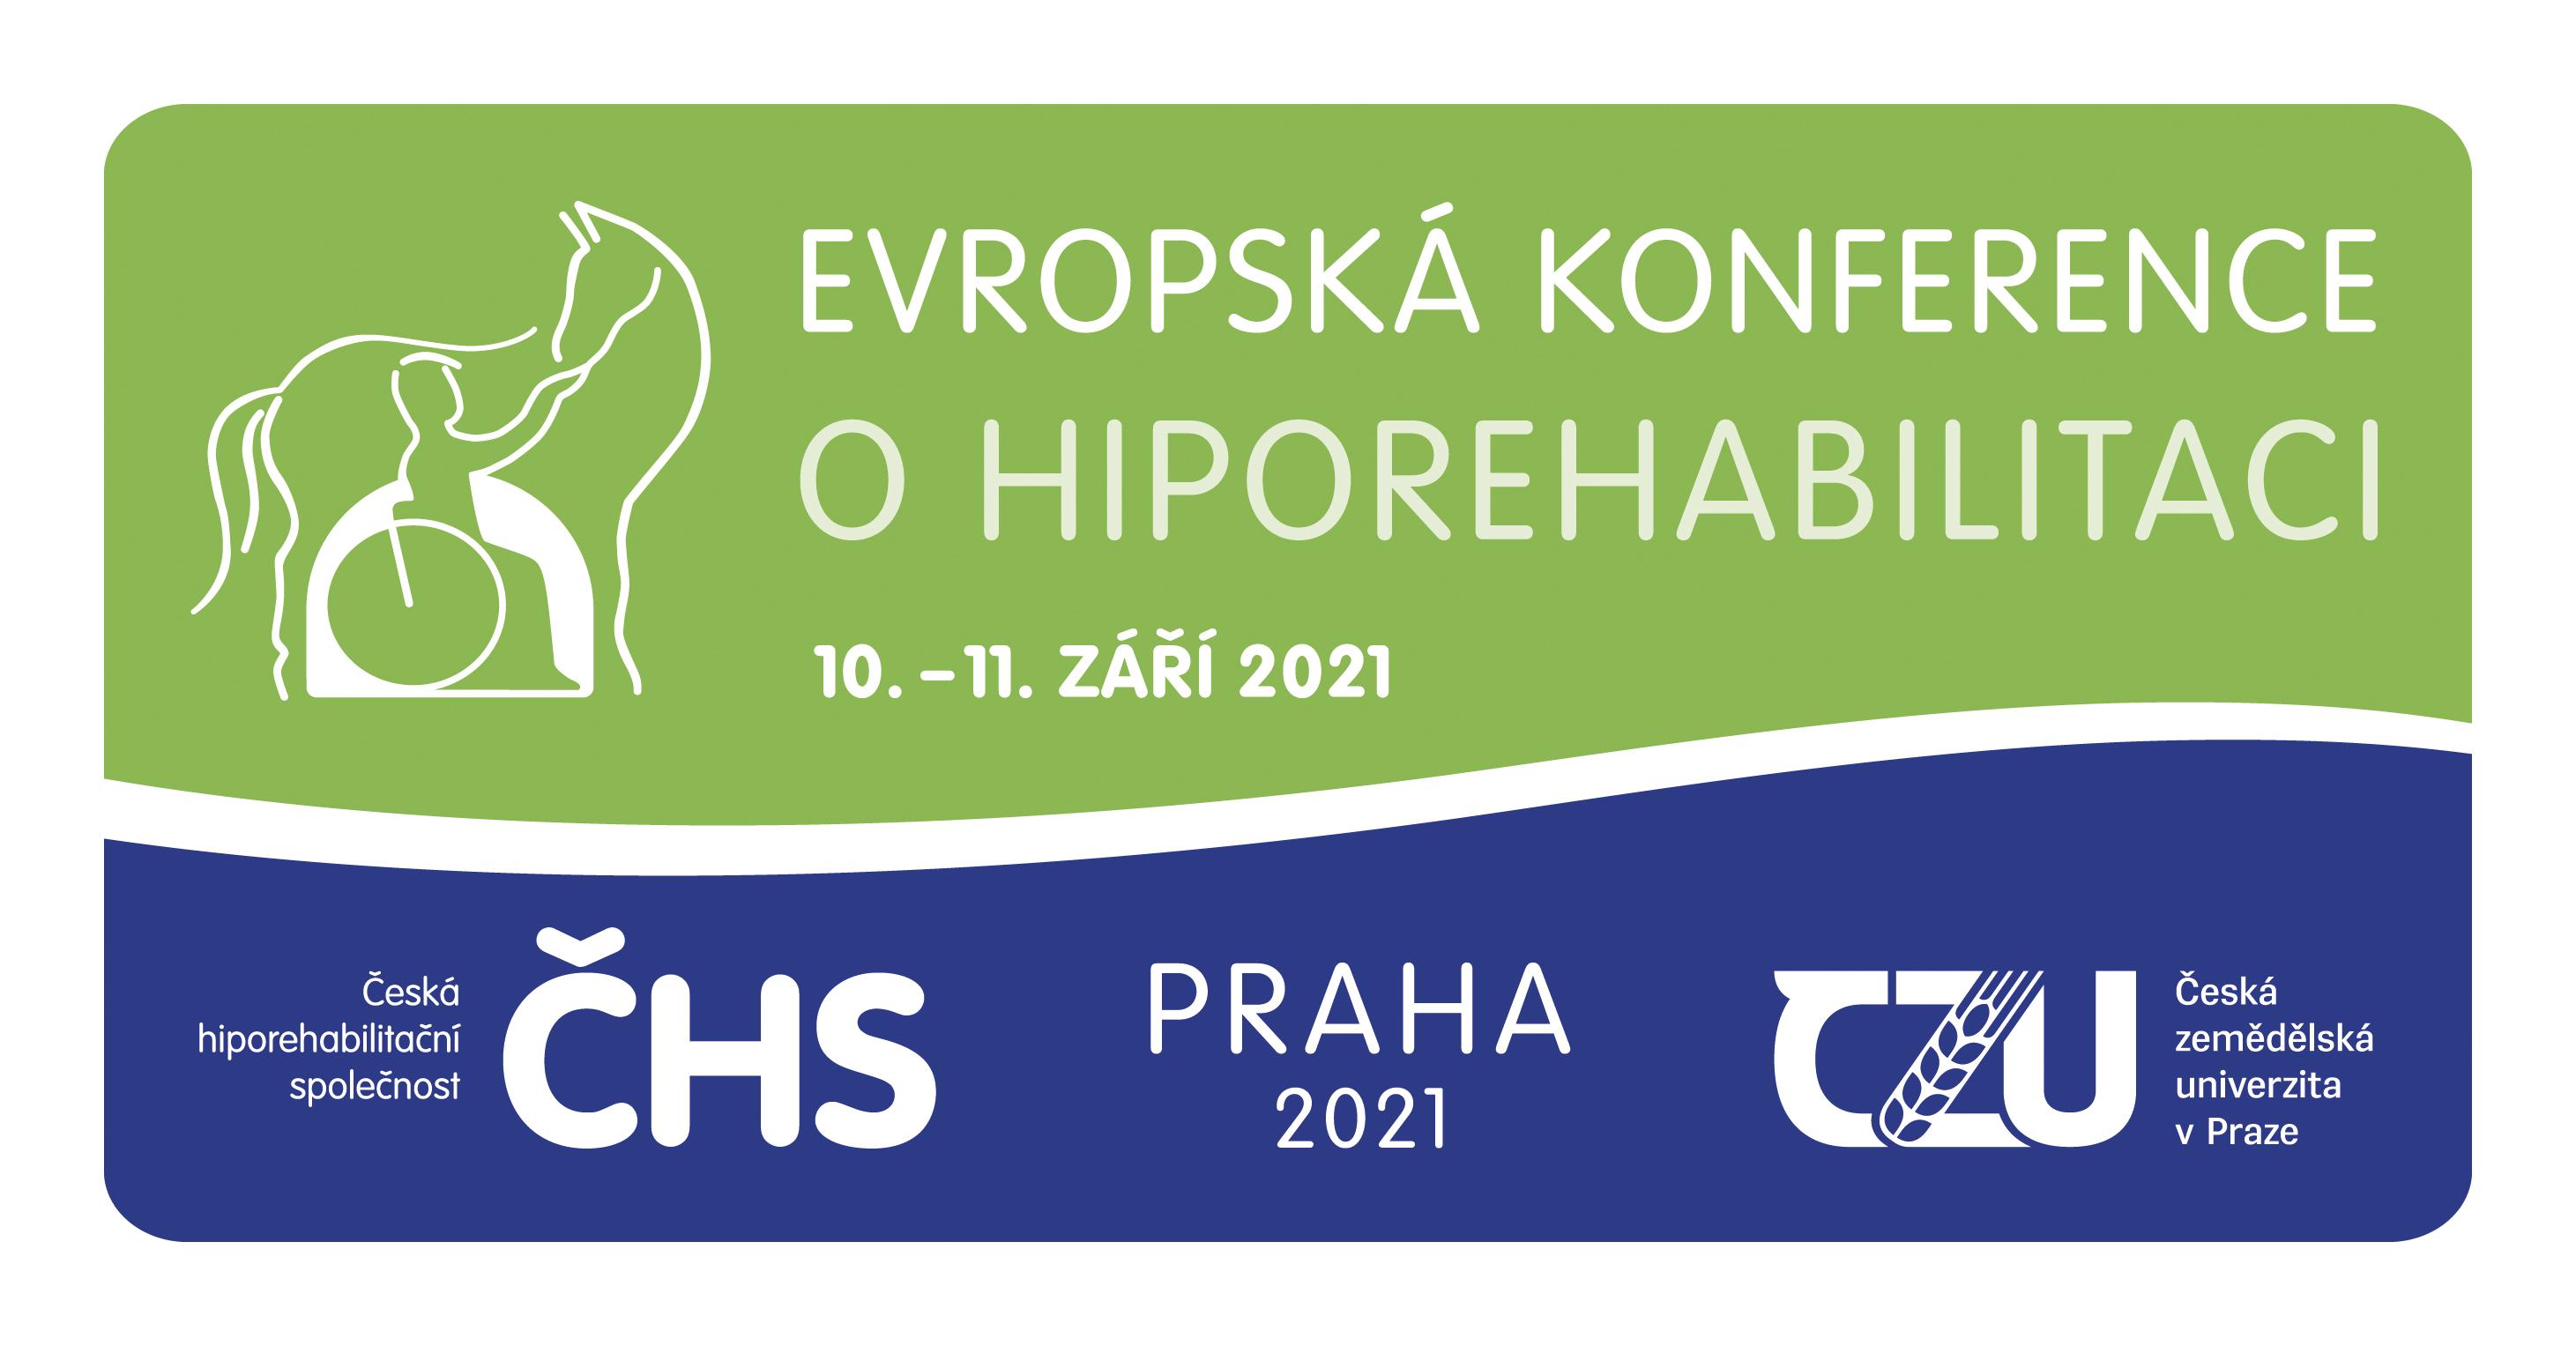 Evropská konference o hiporehabilitaci